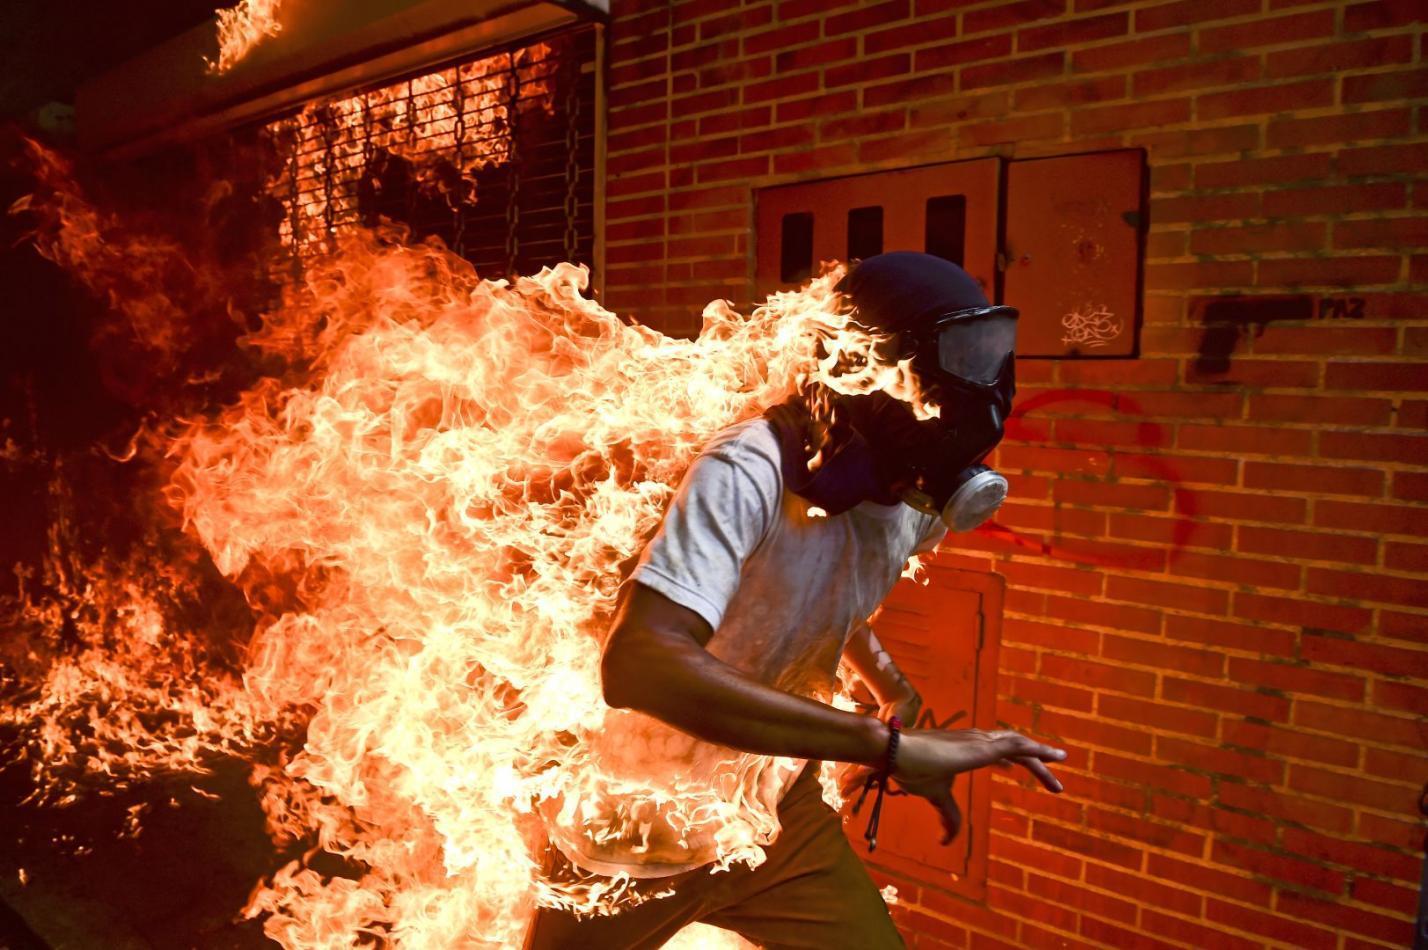 Foto: Ronaldo Schemidt/Cortesía World Press Photo